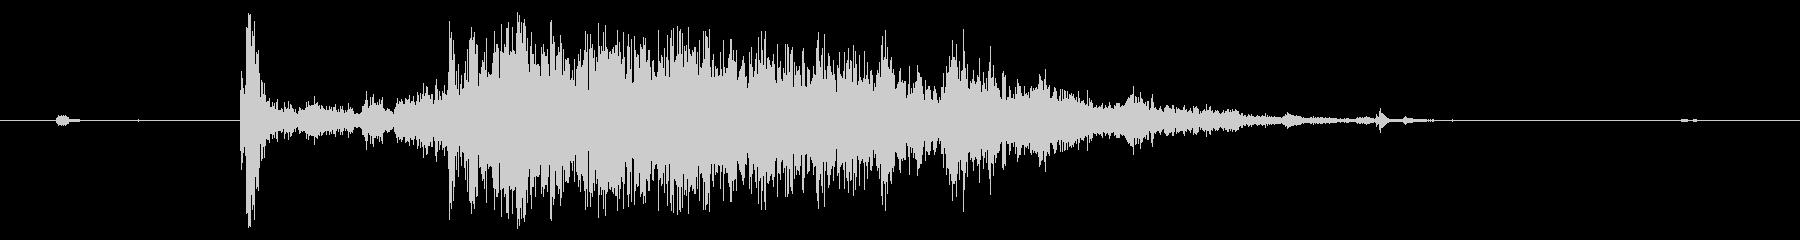 ジープCj10:Ext:False...の未再生の波形